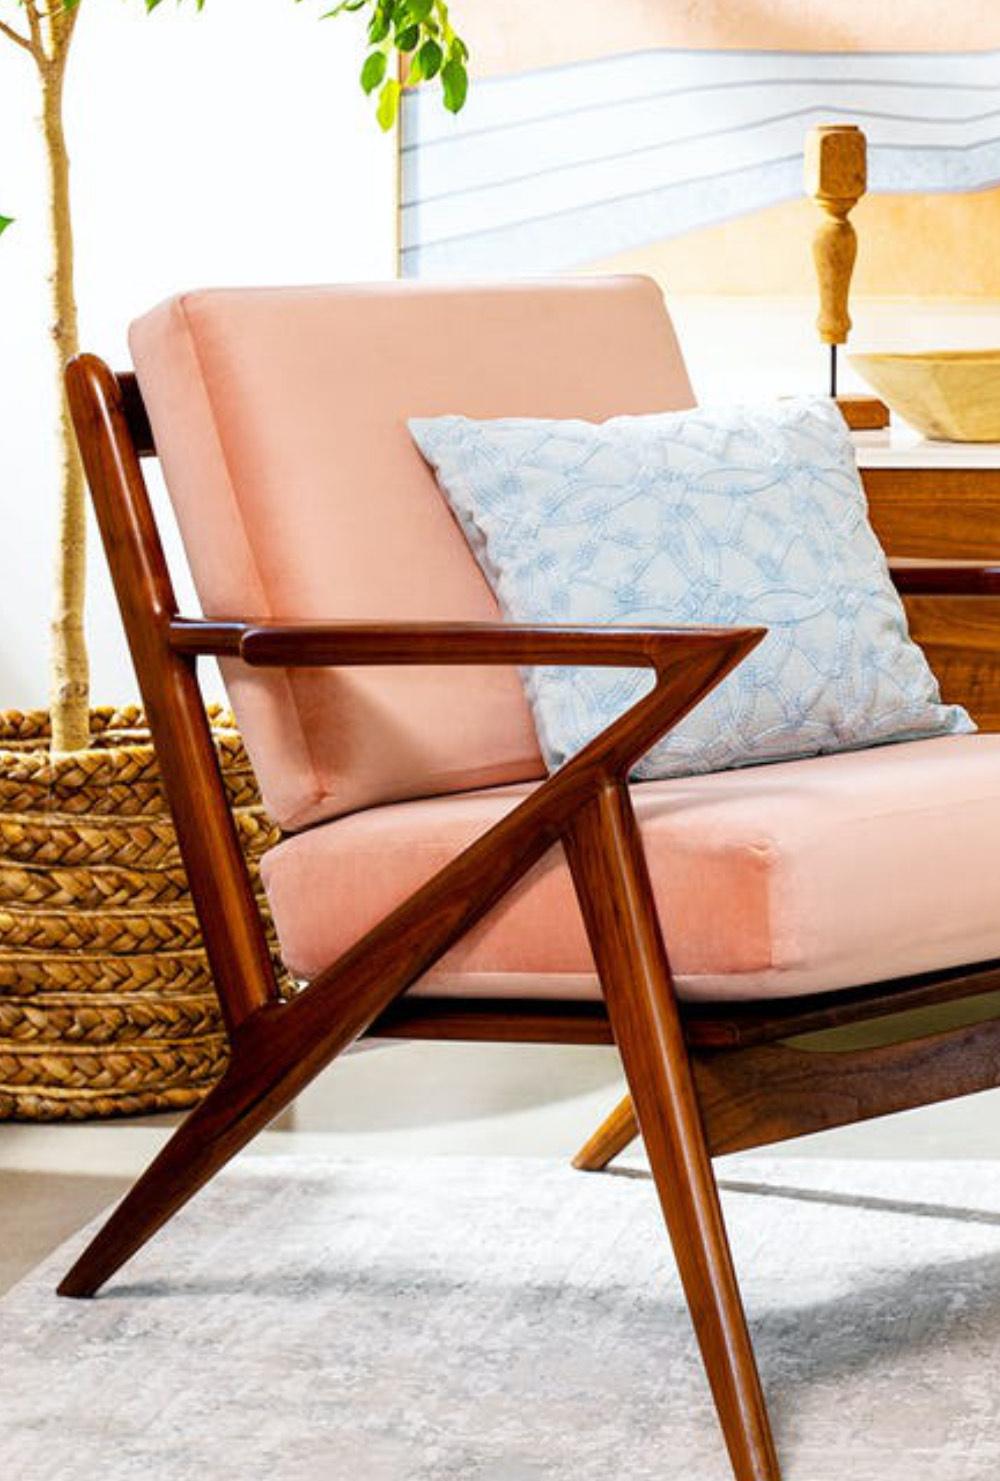 FloorFound | Business Insider - Joybird Partners with Online Furniture Resale Platform FloorFound